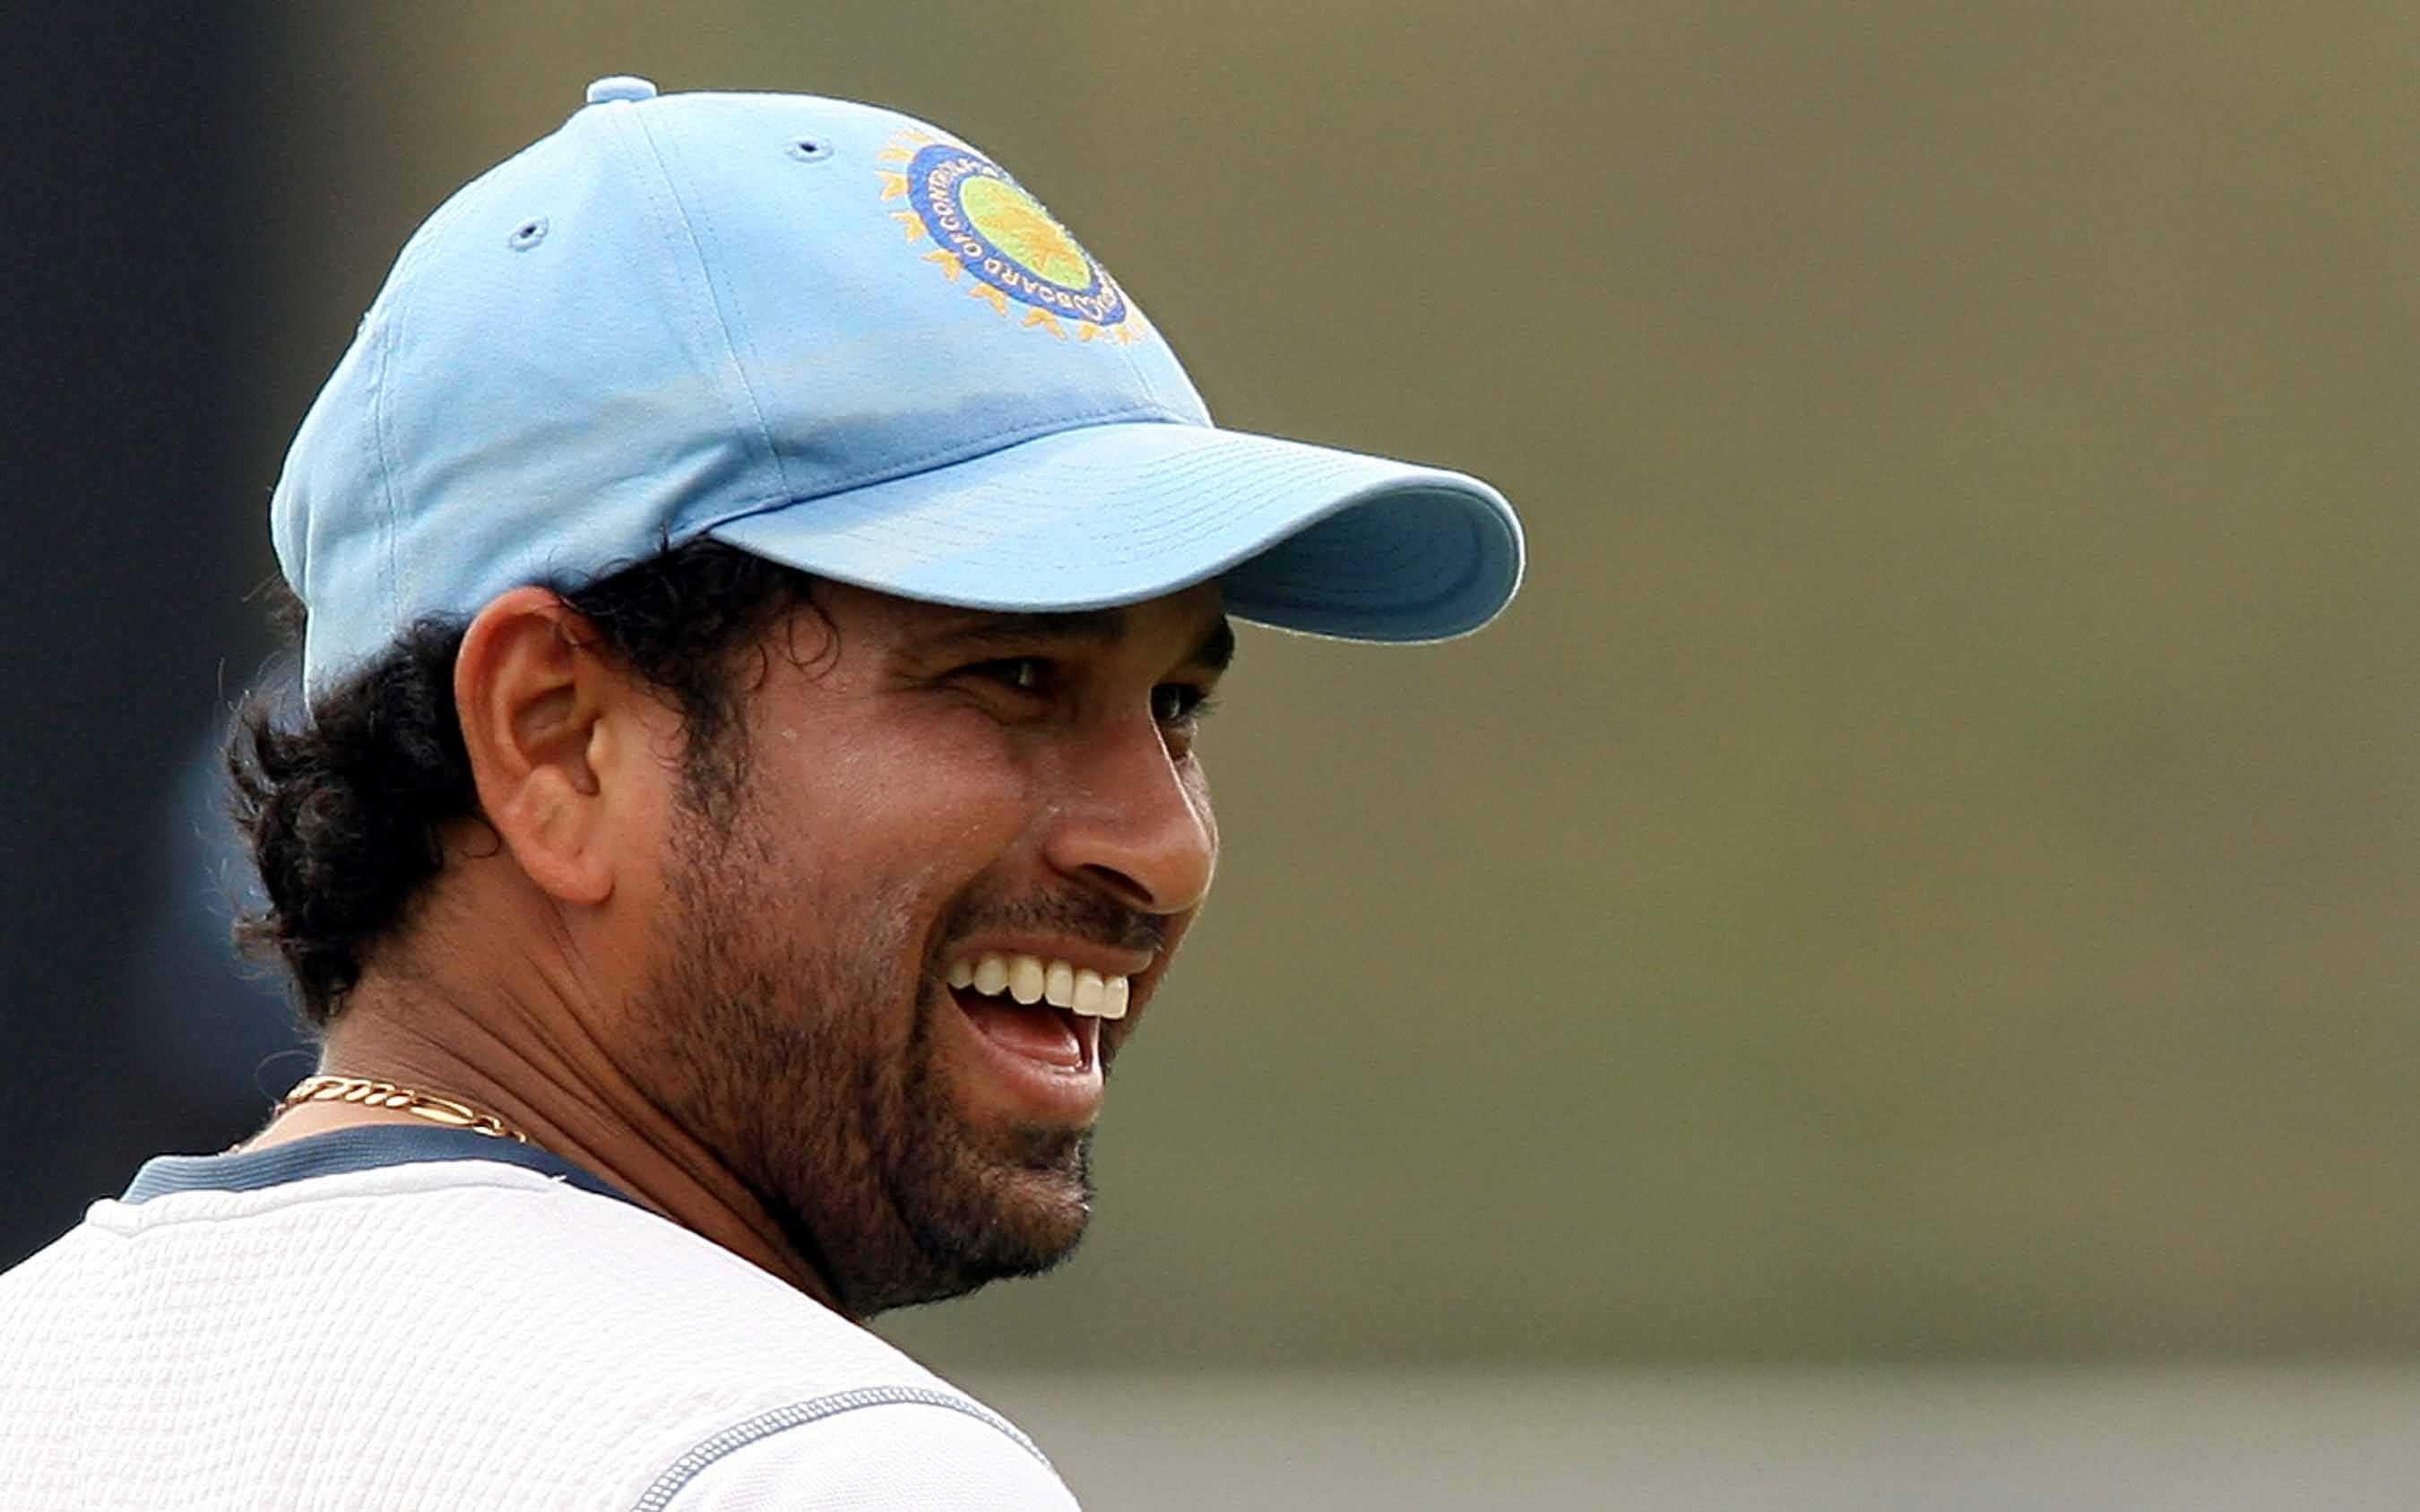 Sachin Tendulkar Smile Cricket Wallpaper - Sachin Tendulkars Hd Full Face - HD Wallpaper